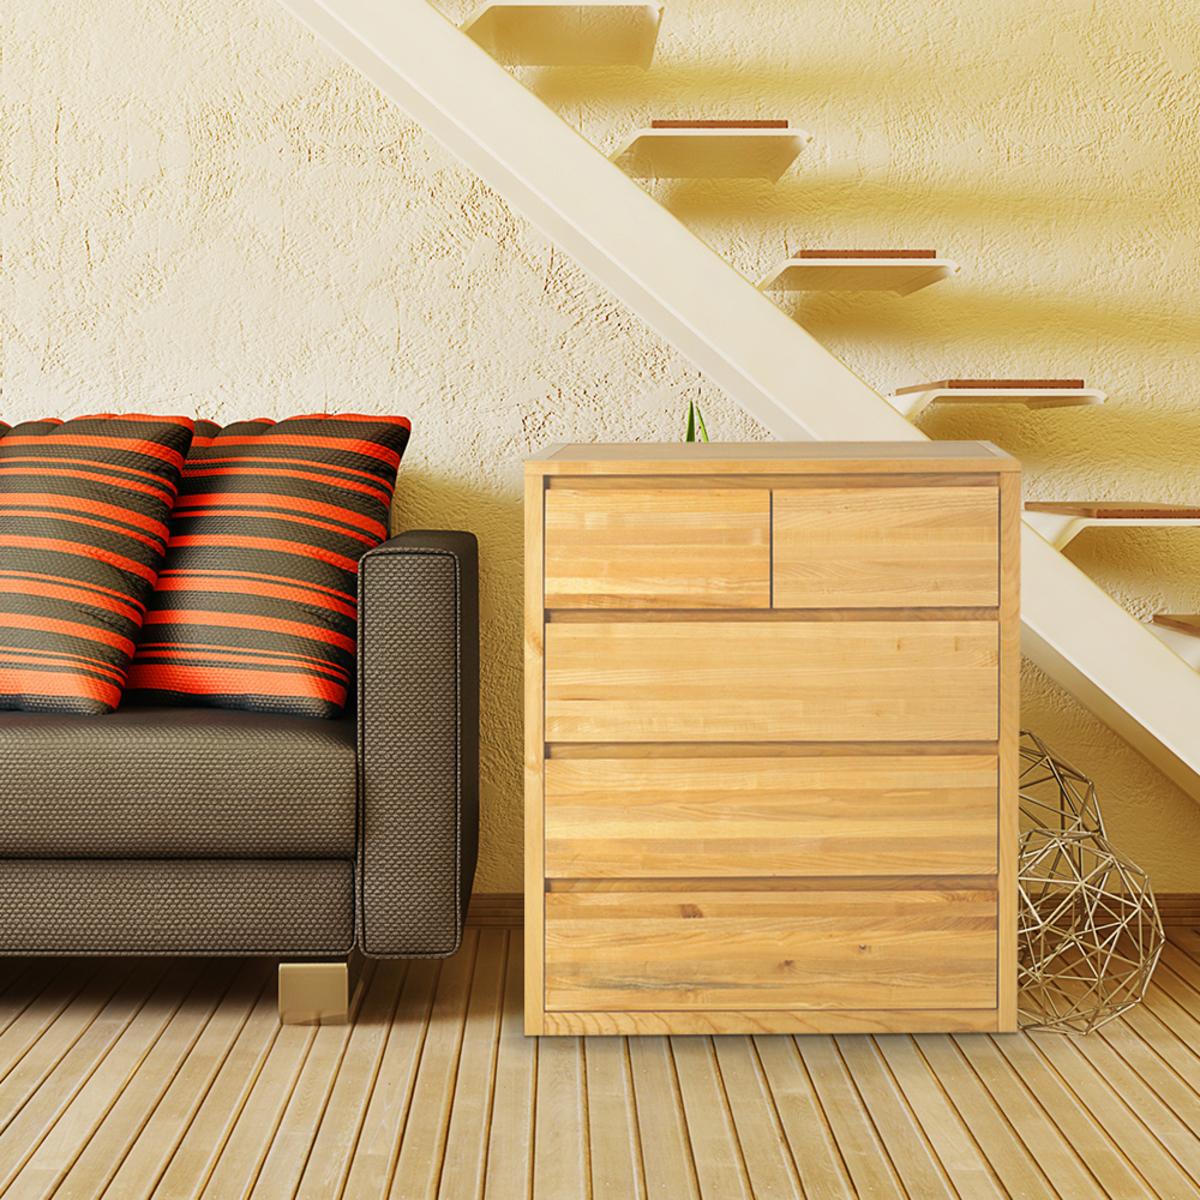 Uwood 優渥實木梣木系列五斗收納櫃